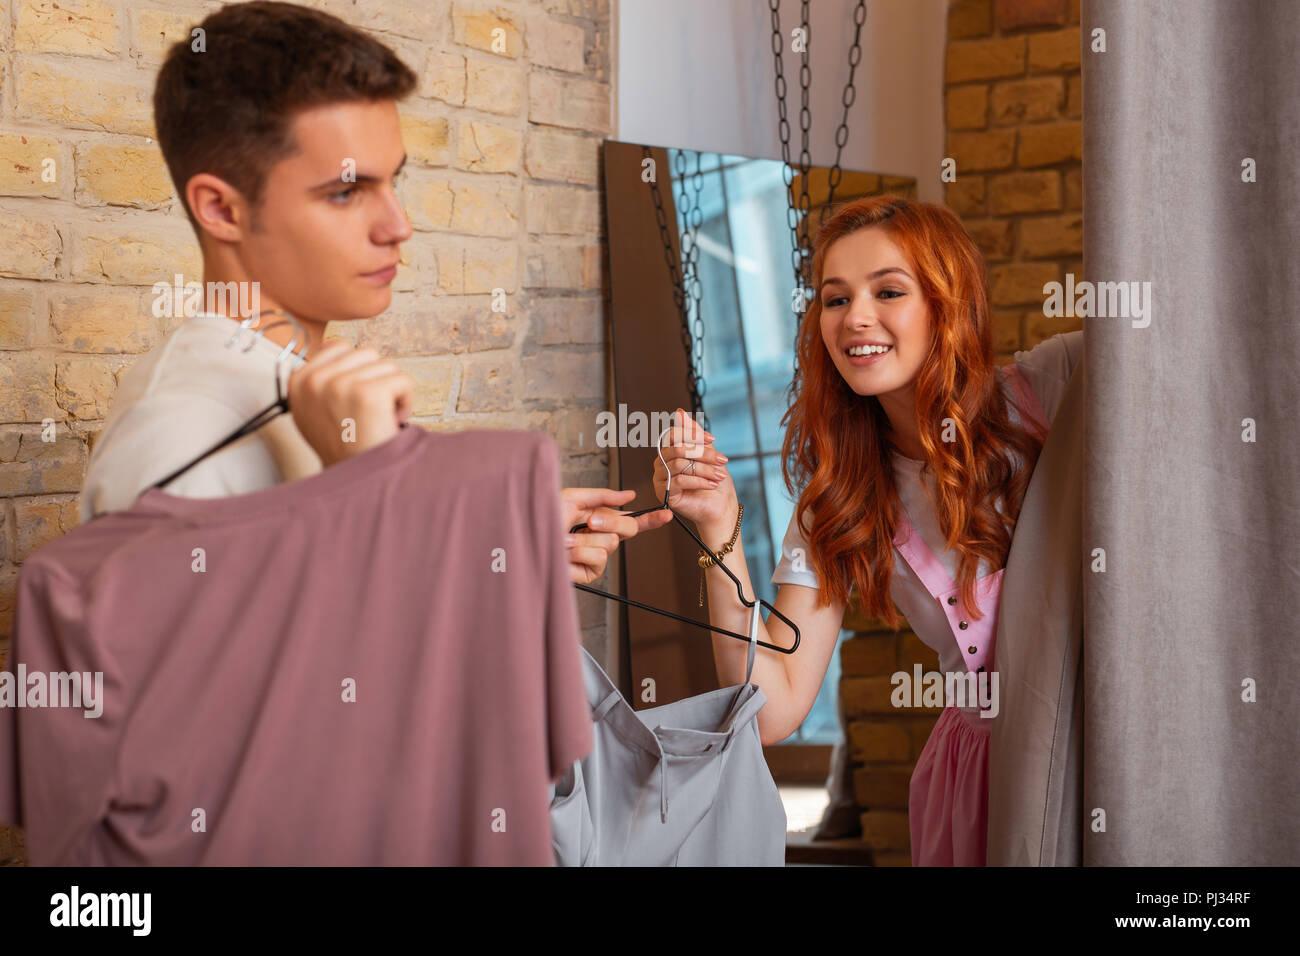 Fröhliches Mädchen, die versuchen, auf der Kleidung und ihr Freund gelangweilt Stockfoto